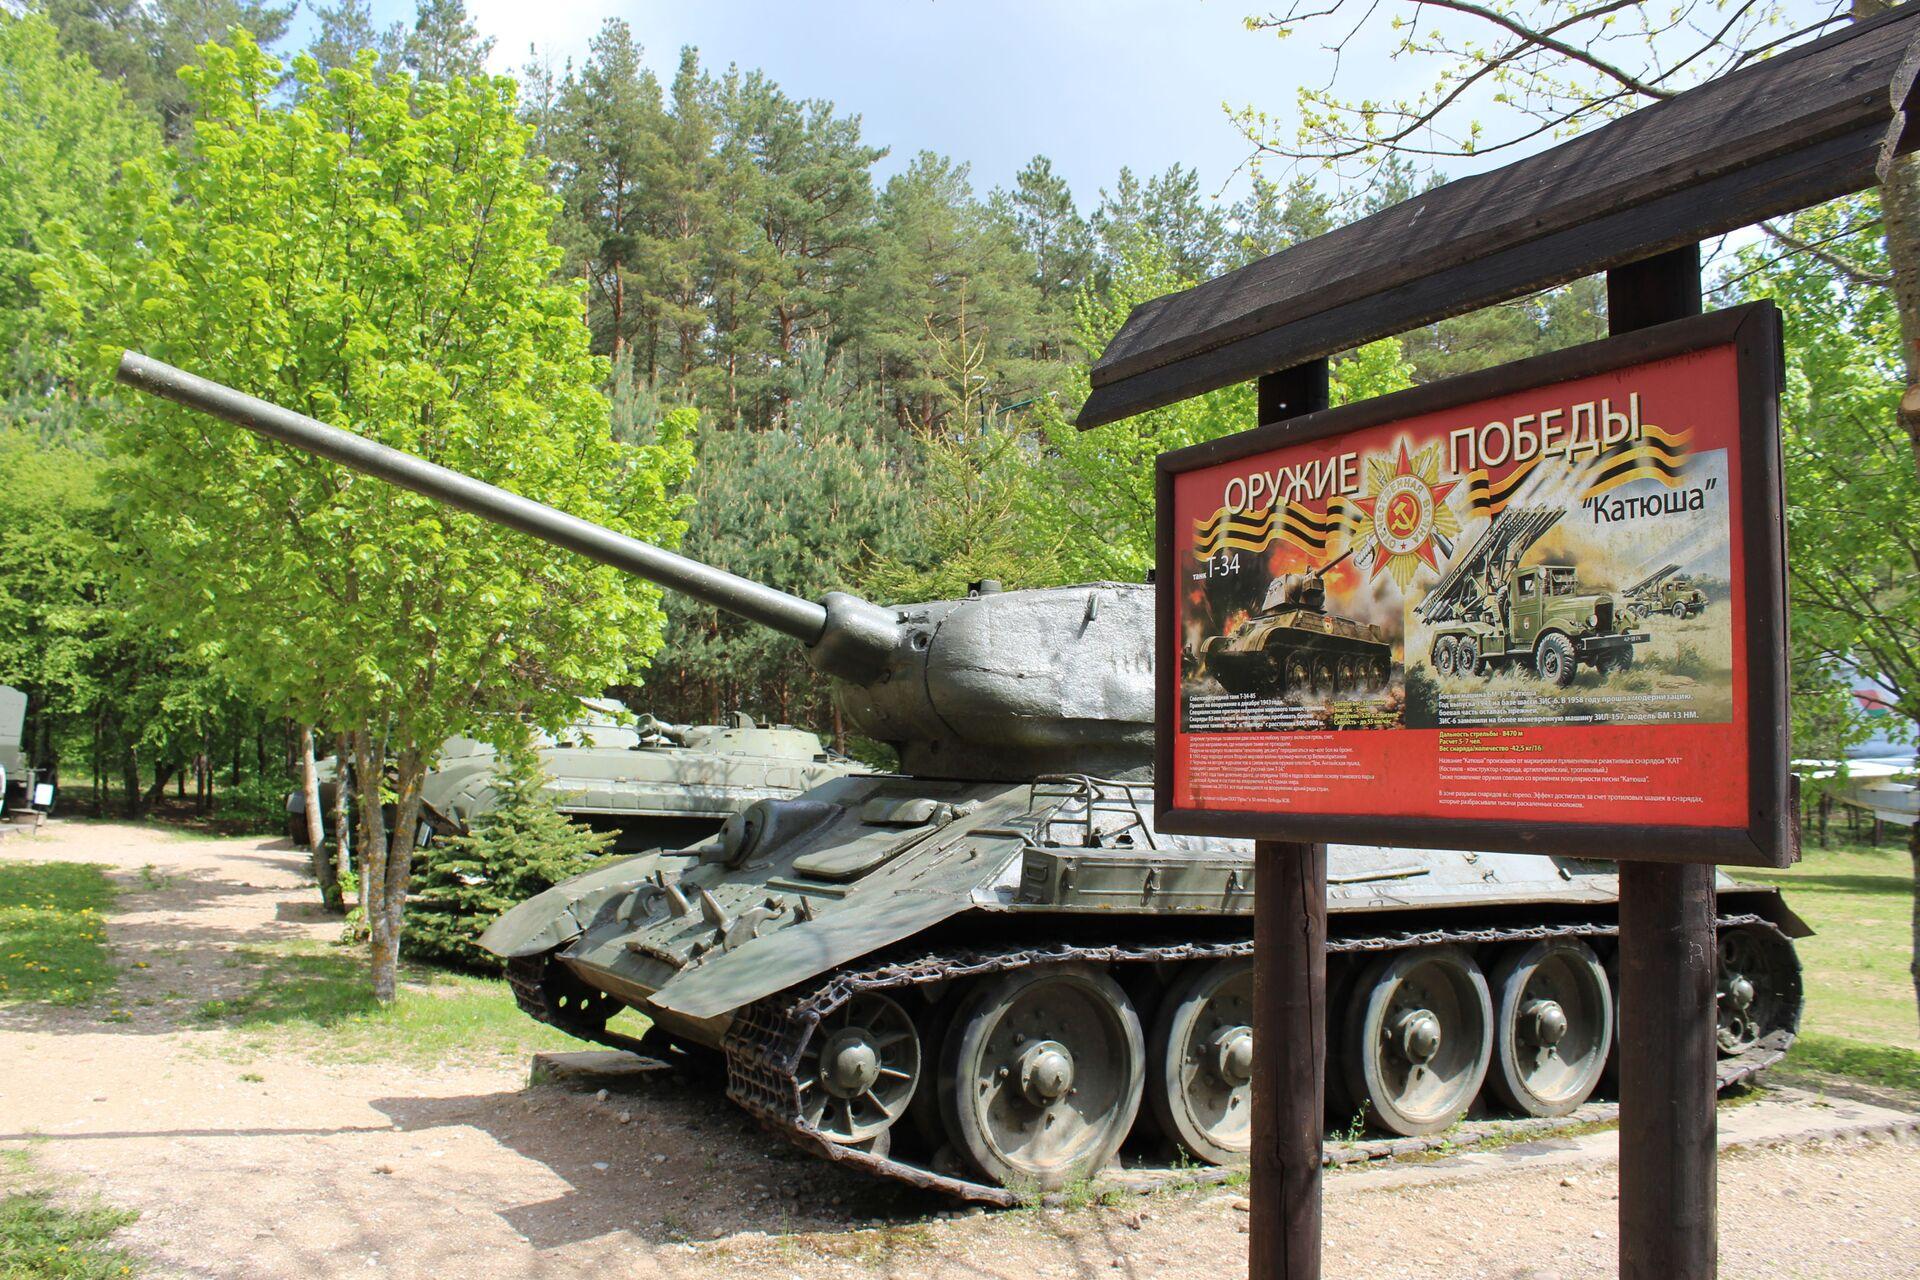 Оружие победы. Танк Т-34 - Sputnik Беларусь, 1920, 29.06.2021